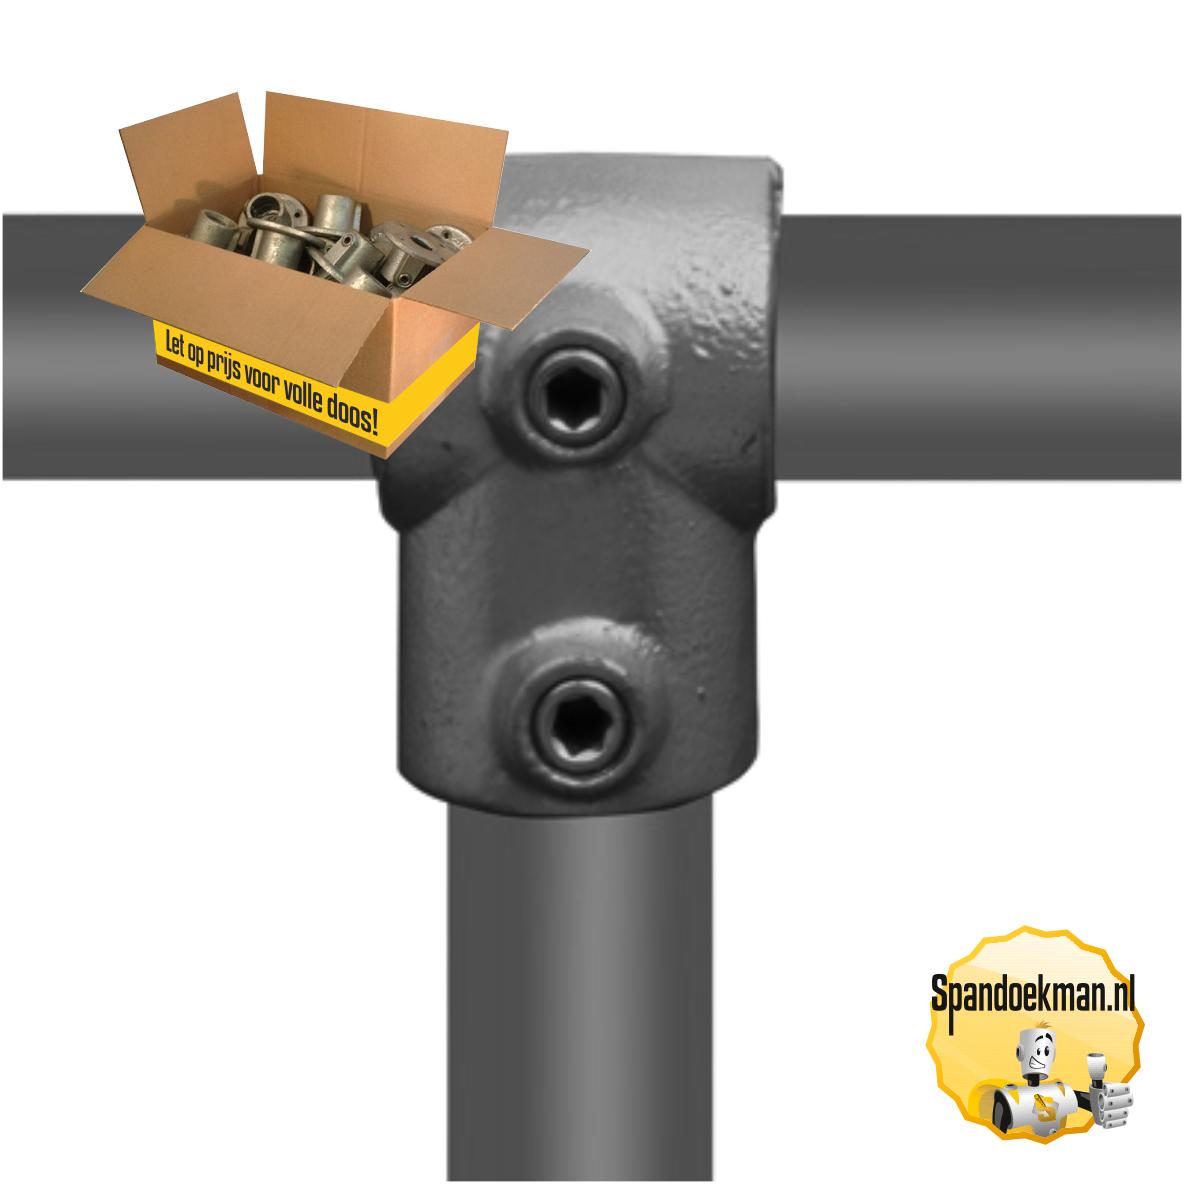 Buiskoppeling T-stuk kort type 2 per doos - 21,3mm 2A (140 stuks) | spandoekman.nl